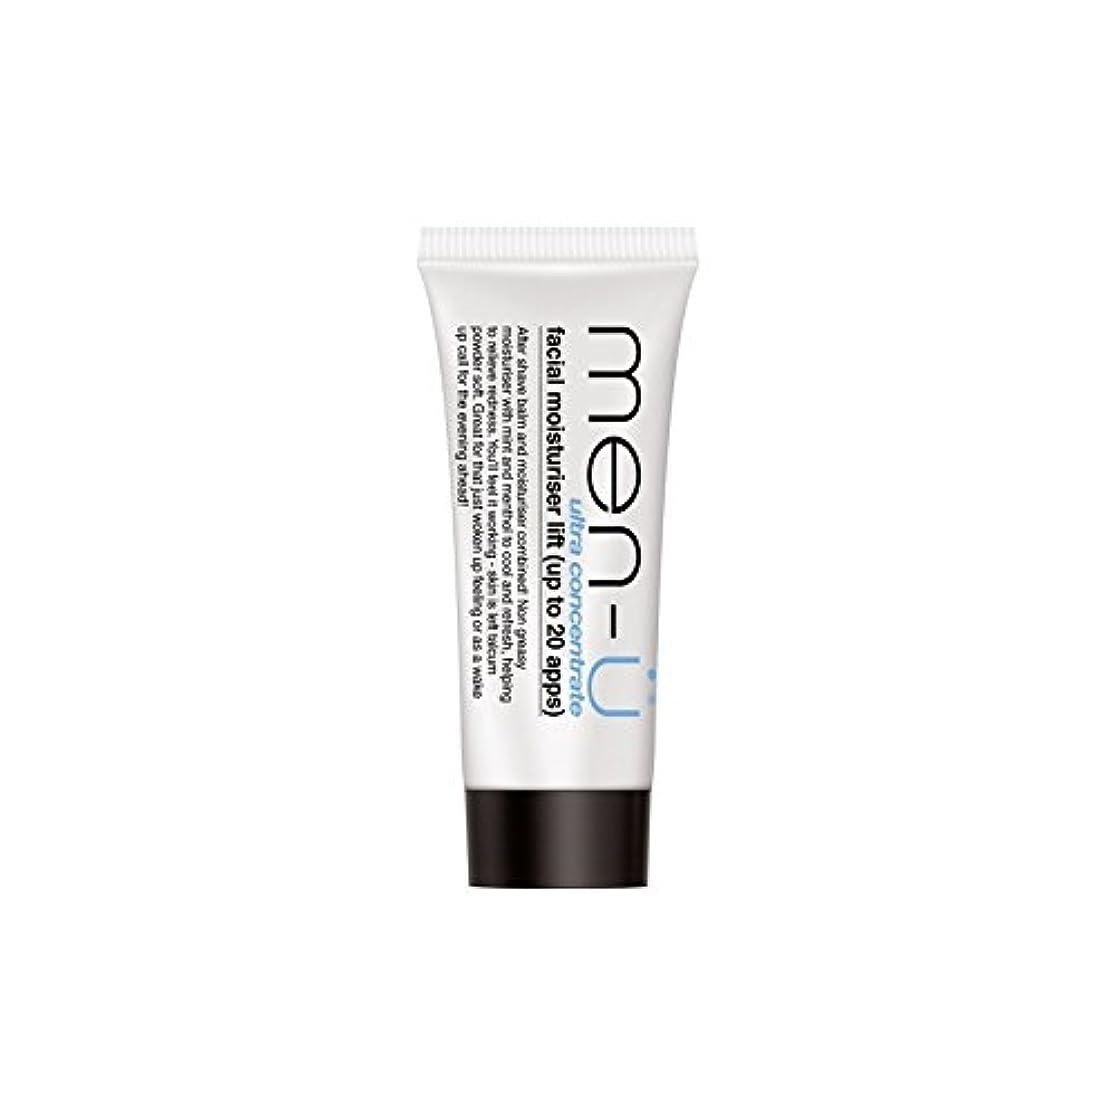 並外れた格差逆さまにMen-? Buddy Facial Moisturiser Lift Tube (15ml) (Pack of 6) - 男性-のバディ顔の保湿剤のリフトチューブ(15ミリリットル) x6 [並行輸入品]